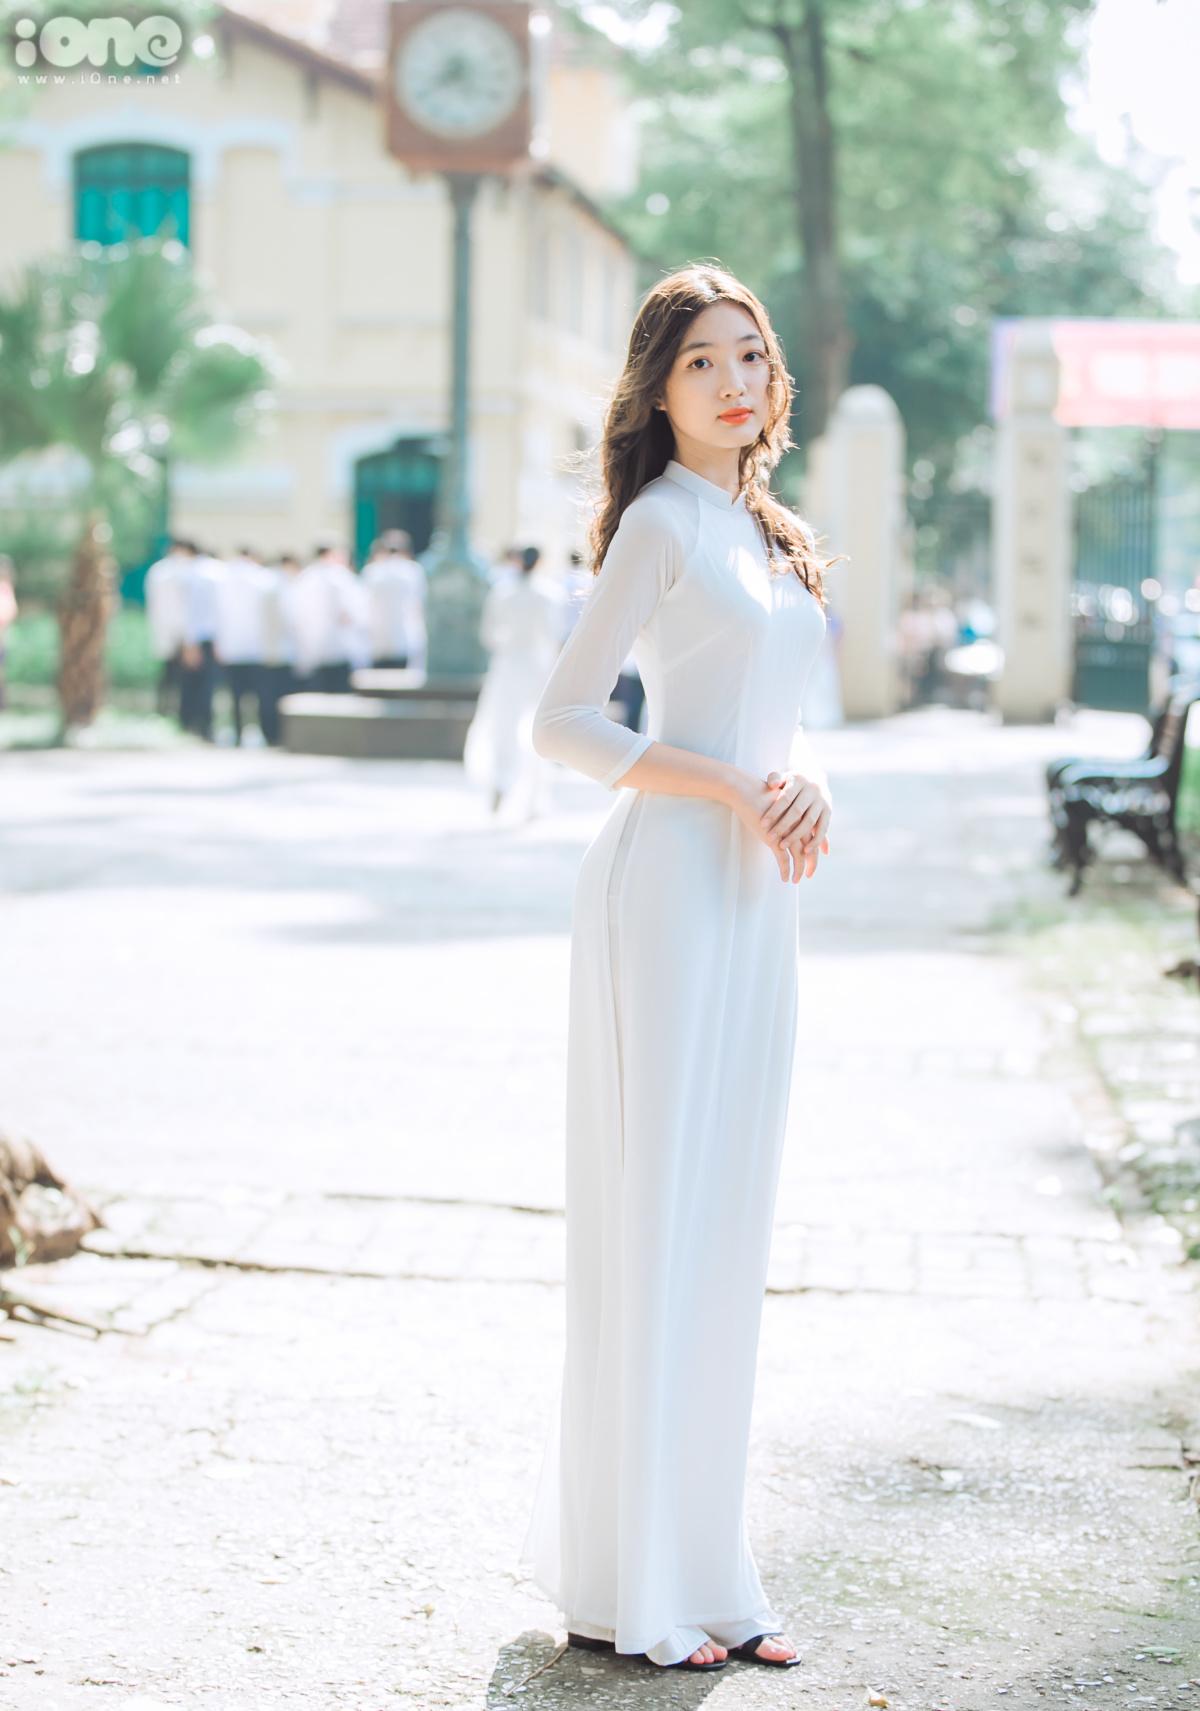 Khai-giang-truong-thpt-chuyen-chu-van-an-ha-noi-nam-hoc-2020-2021-khai-giang-truong-buoi-chu-van-an-9-1599279164